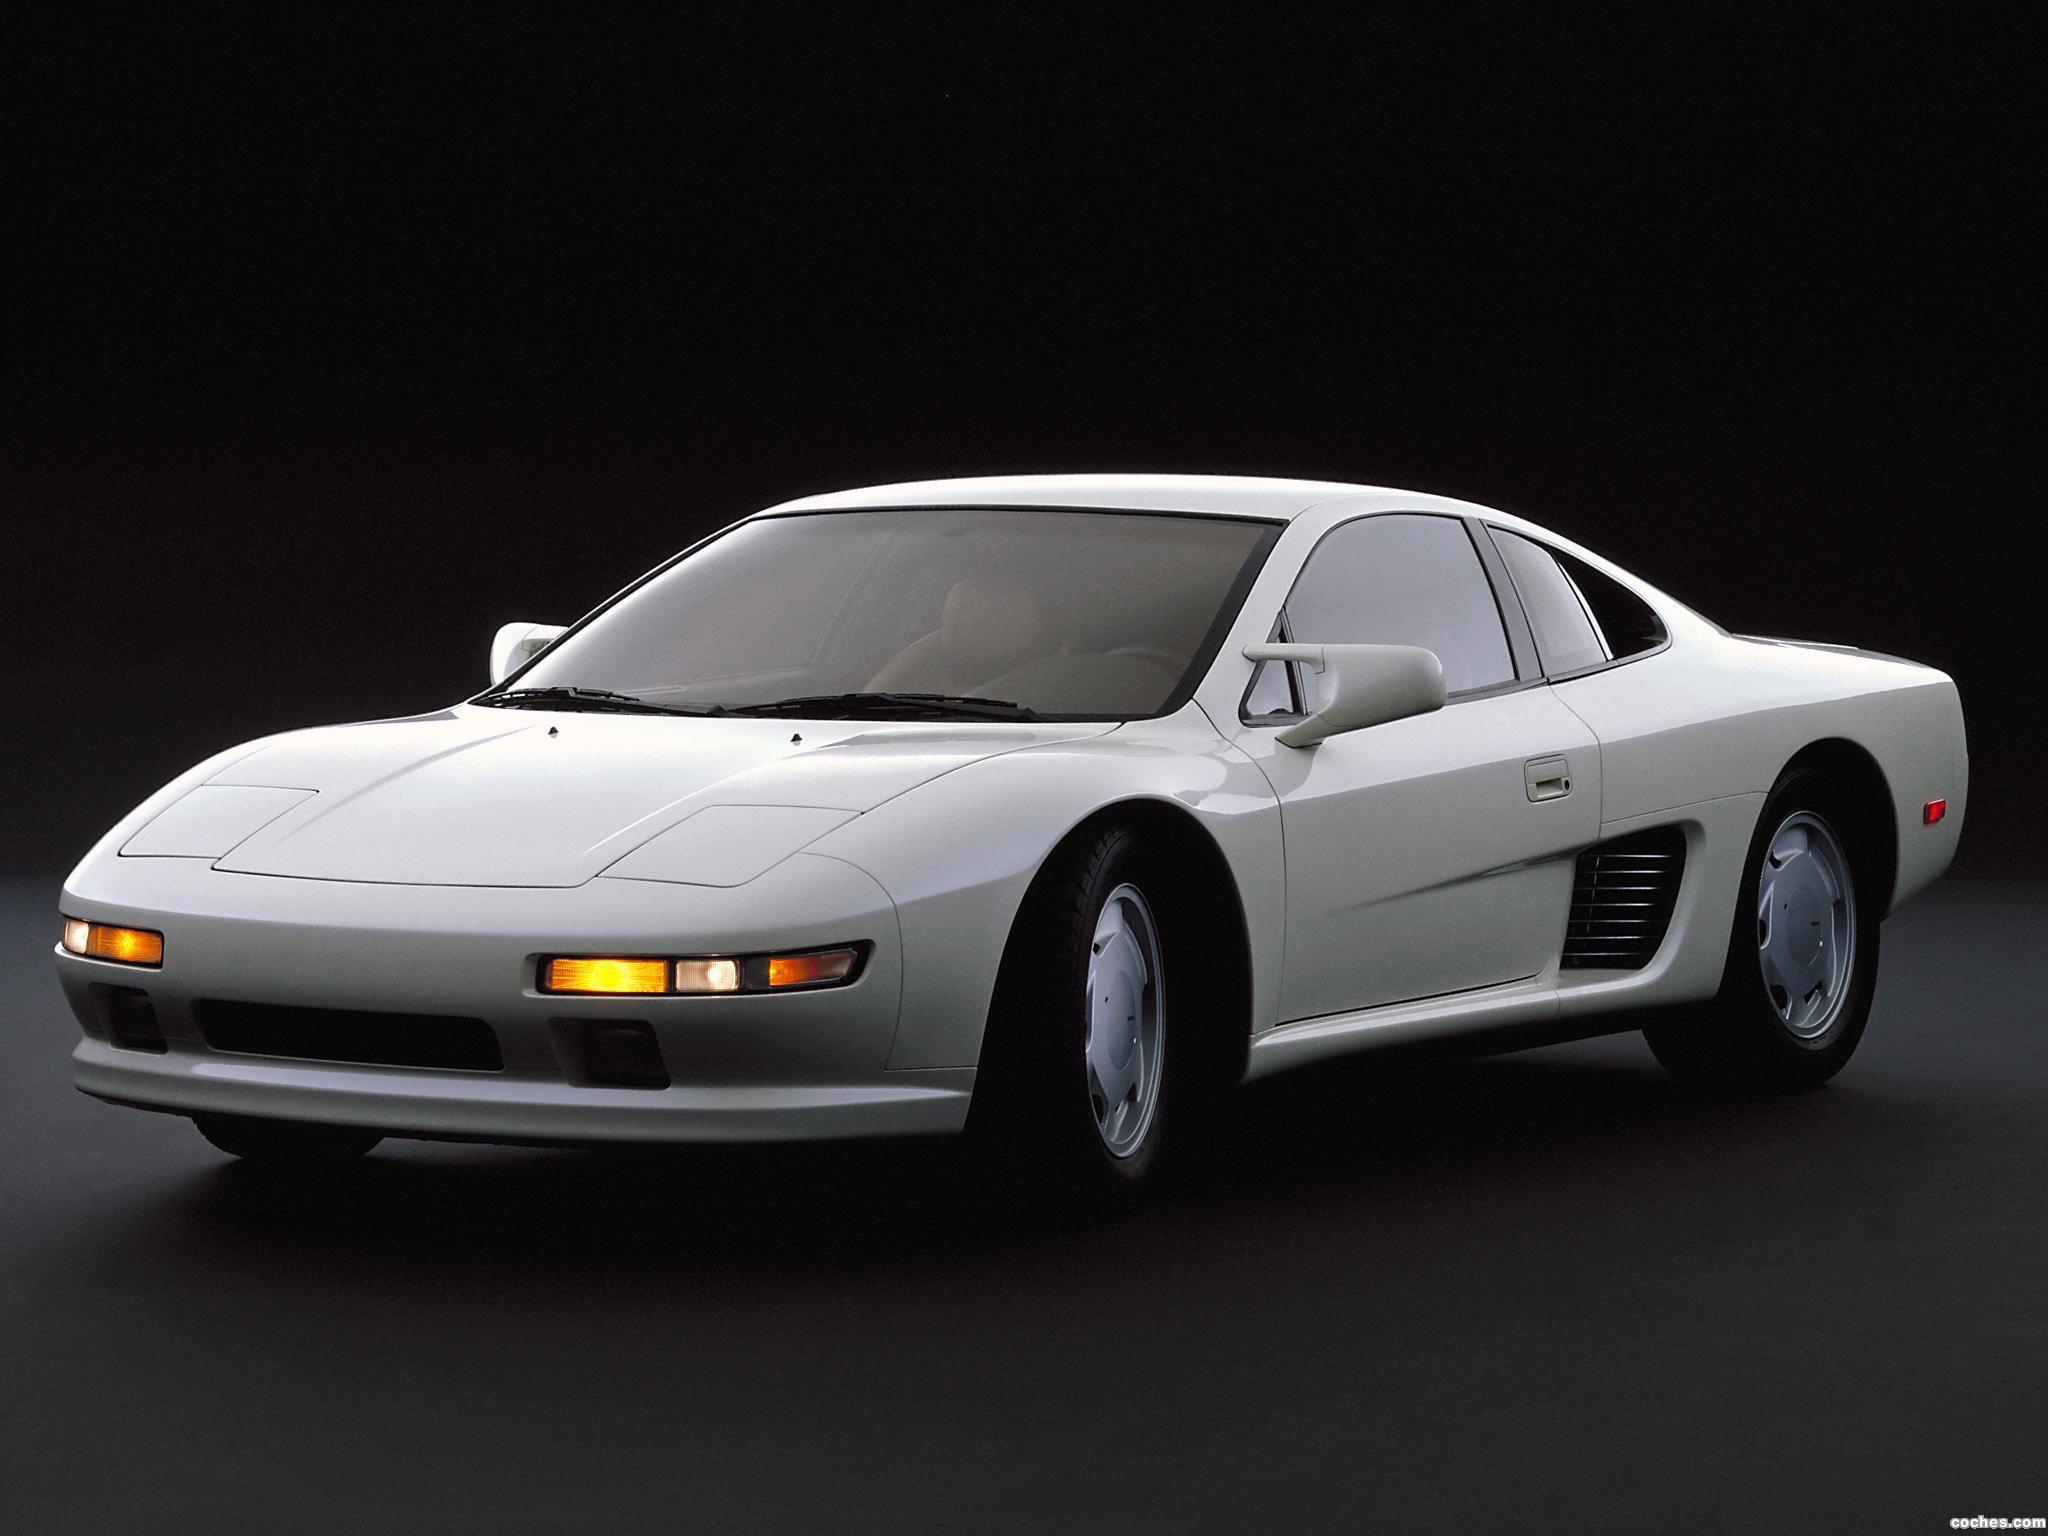 Foto 0 de Nissan Mid4 Type II Concept 1987